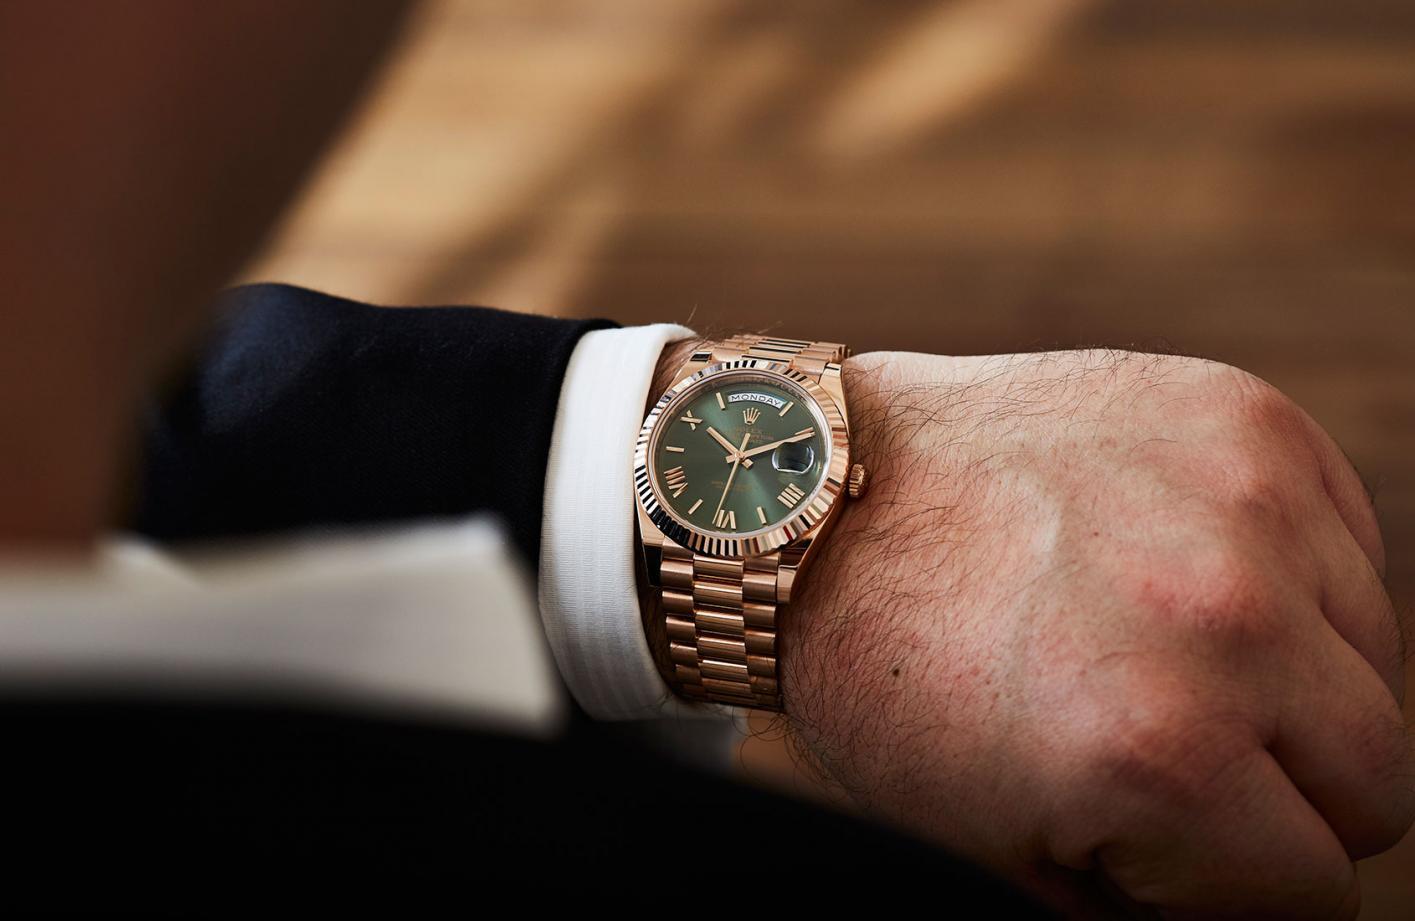 Rolex-day-date-40-green-4-845x550@2x (1).